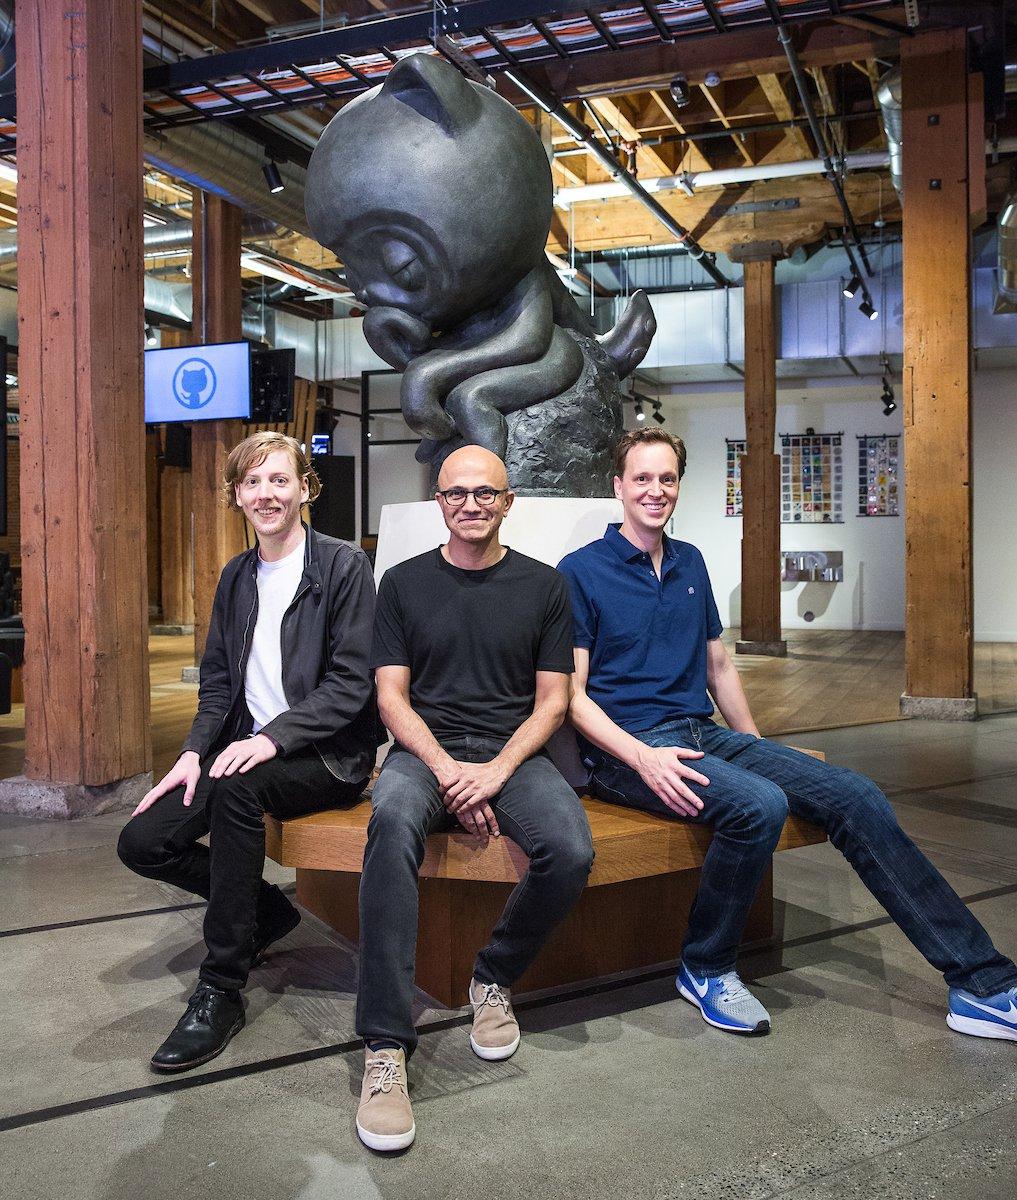 75亿美元!微软宣布将收购代码托管平台GitHub